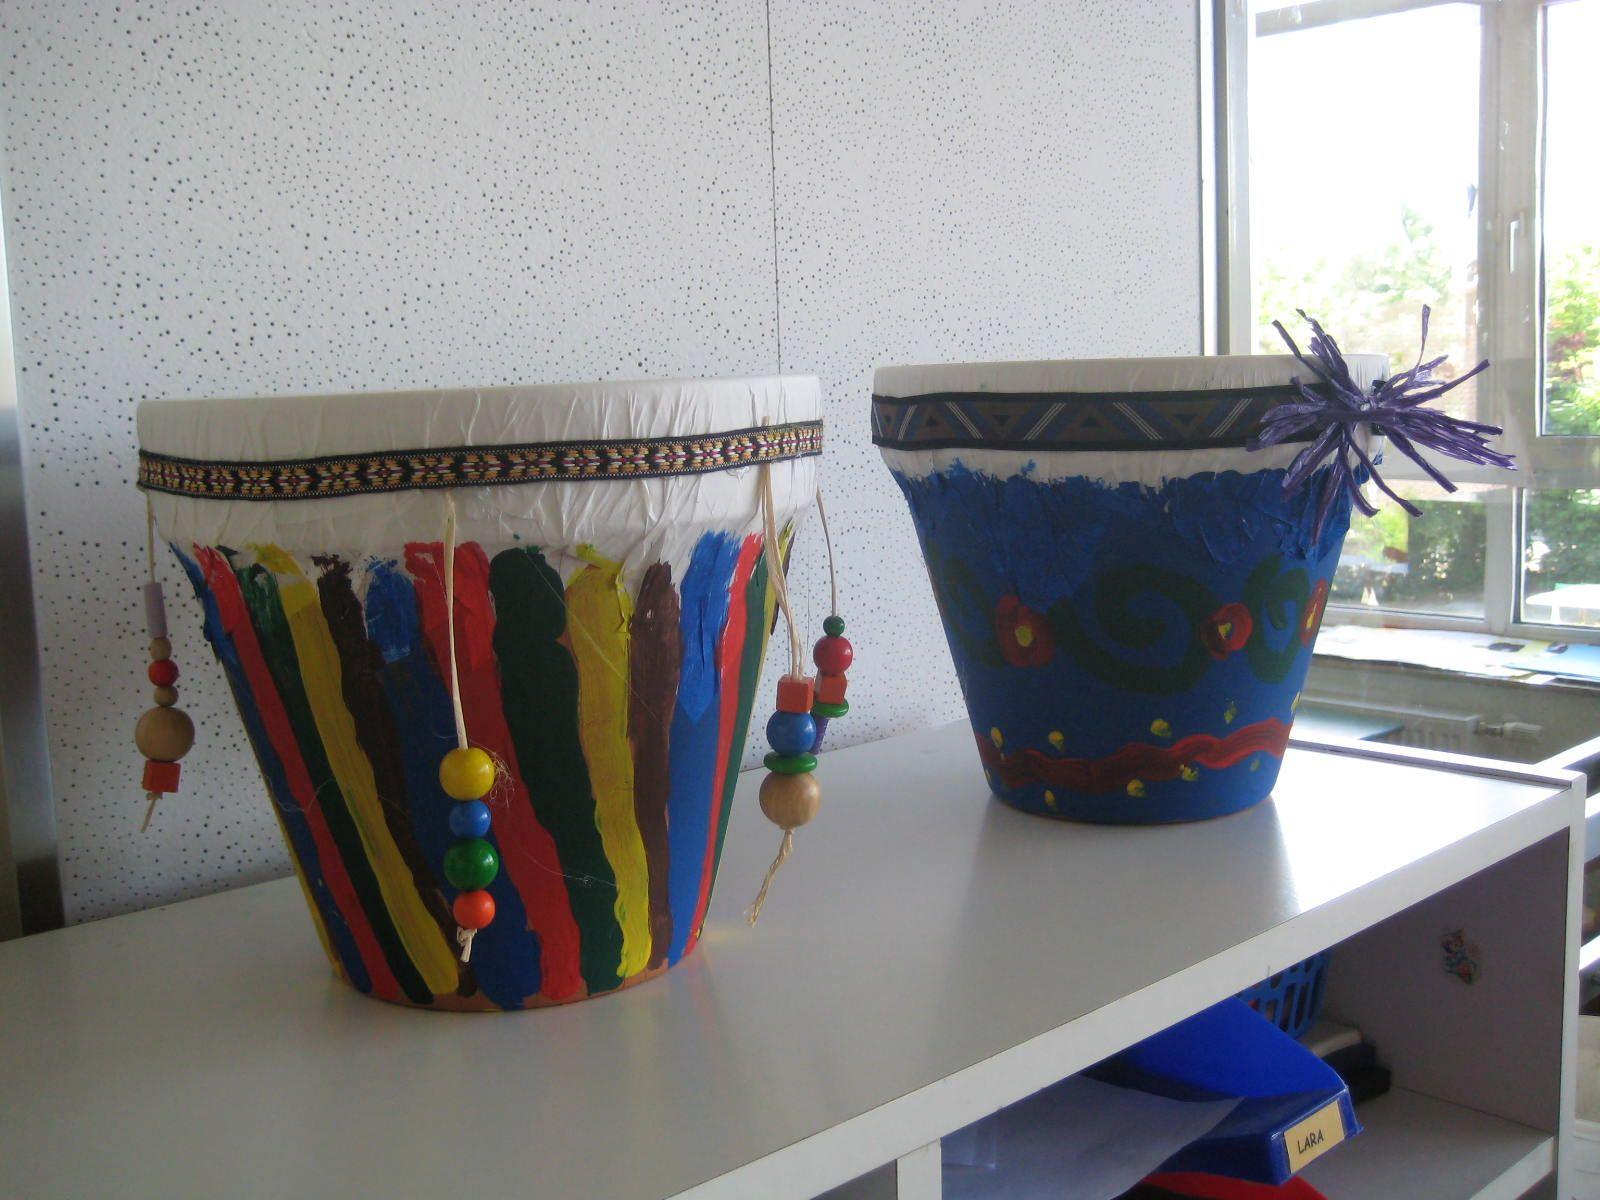 afrikanische trommeln basteln basteln mit kindern pinterest basteln instrumente basteln. Black Bedroom Furniture Sets. Home Design Ideas